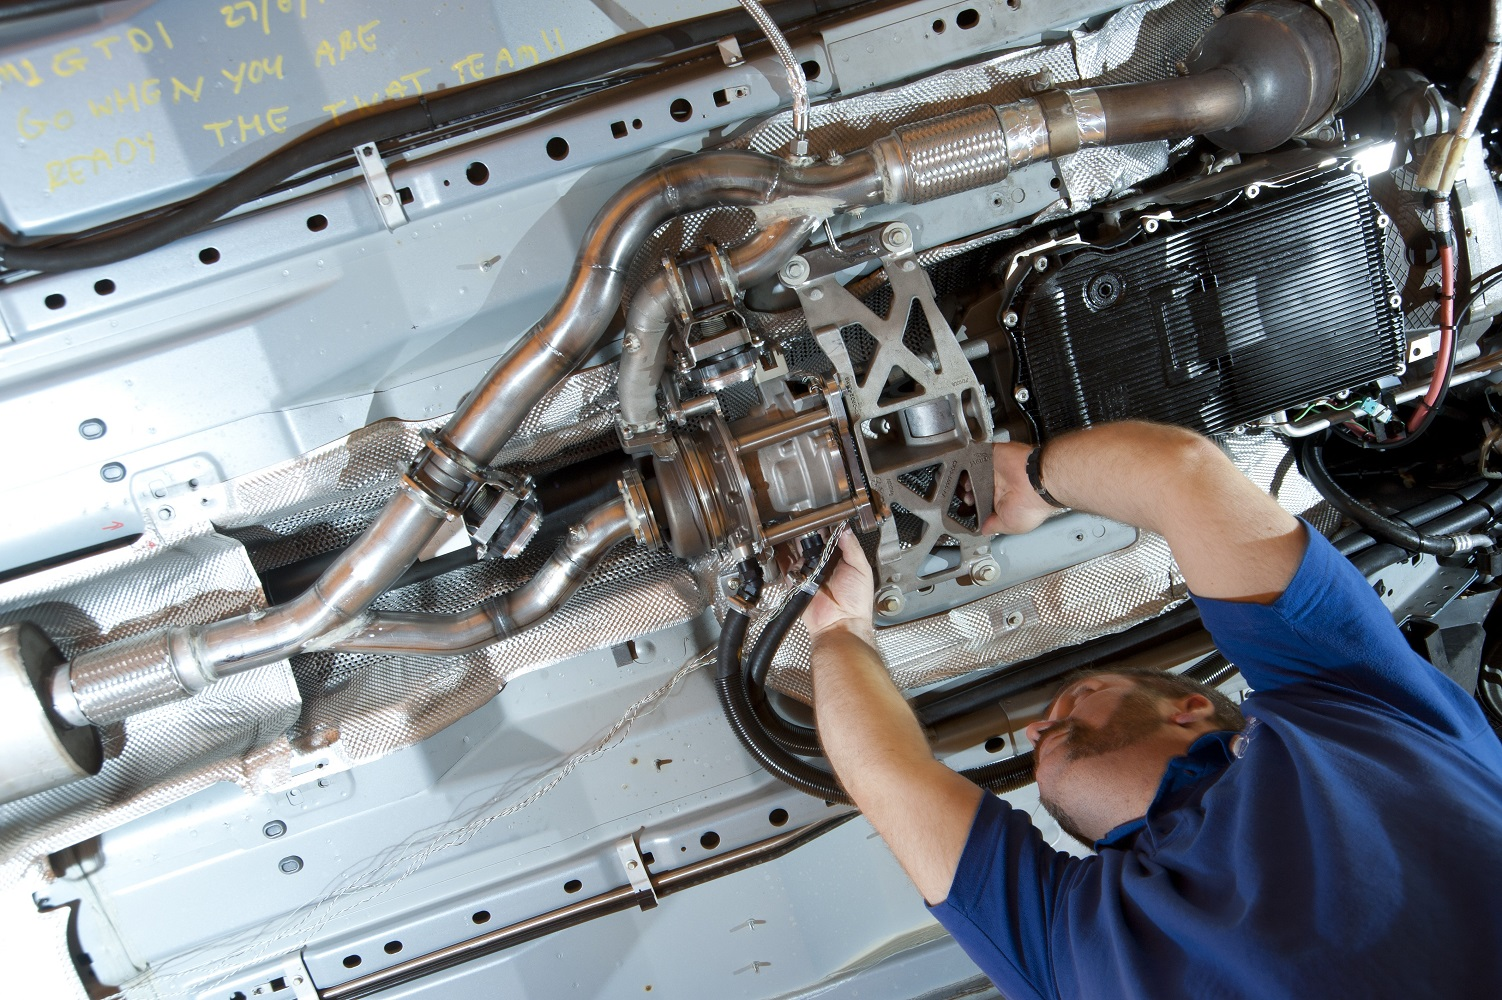 Le système de récupération d'énergie des gaz d'échappement CPT TIGERS a également été appliqué au programme de recherche Wrightbus soutenu par le Technology Strategy Board du Royaume-Uni